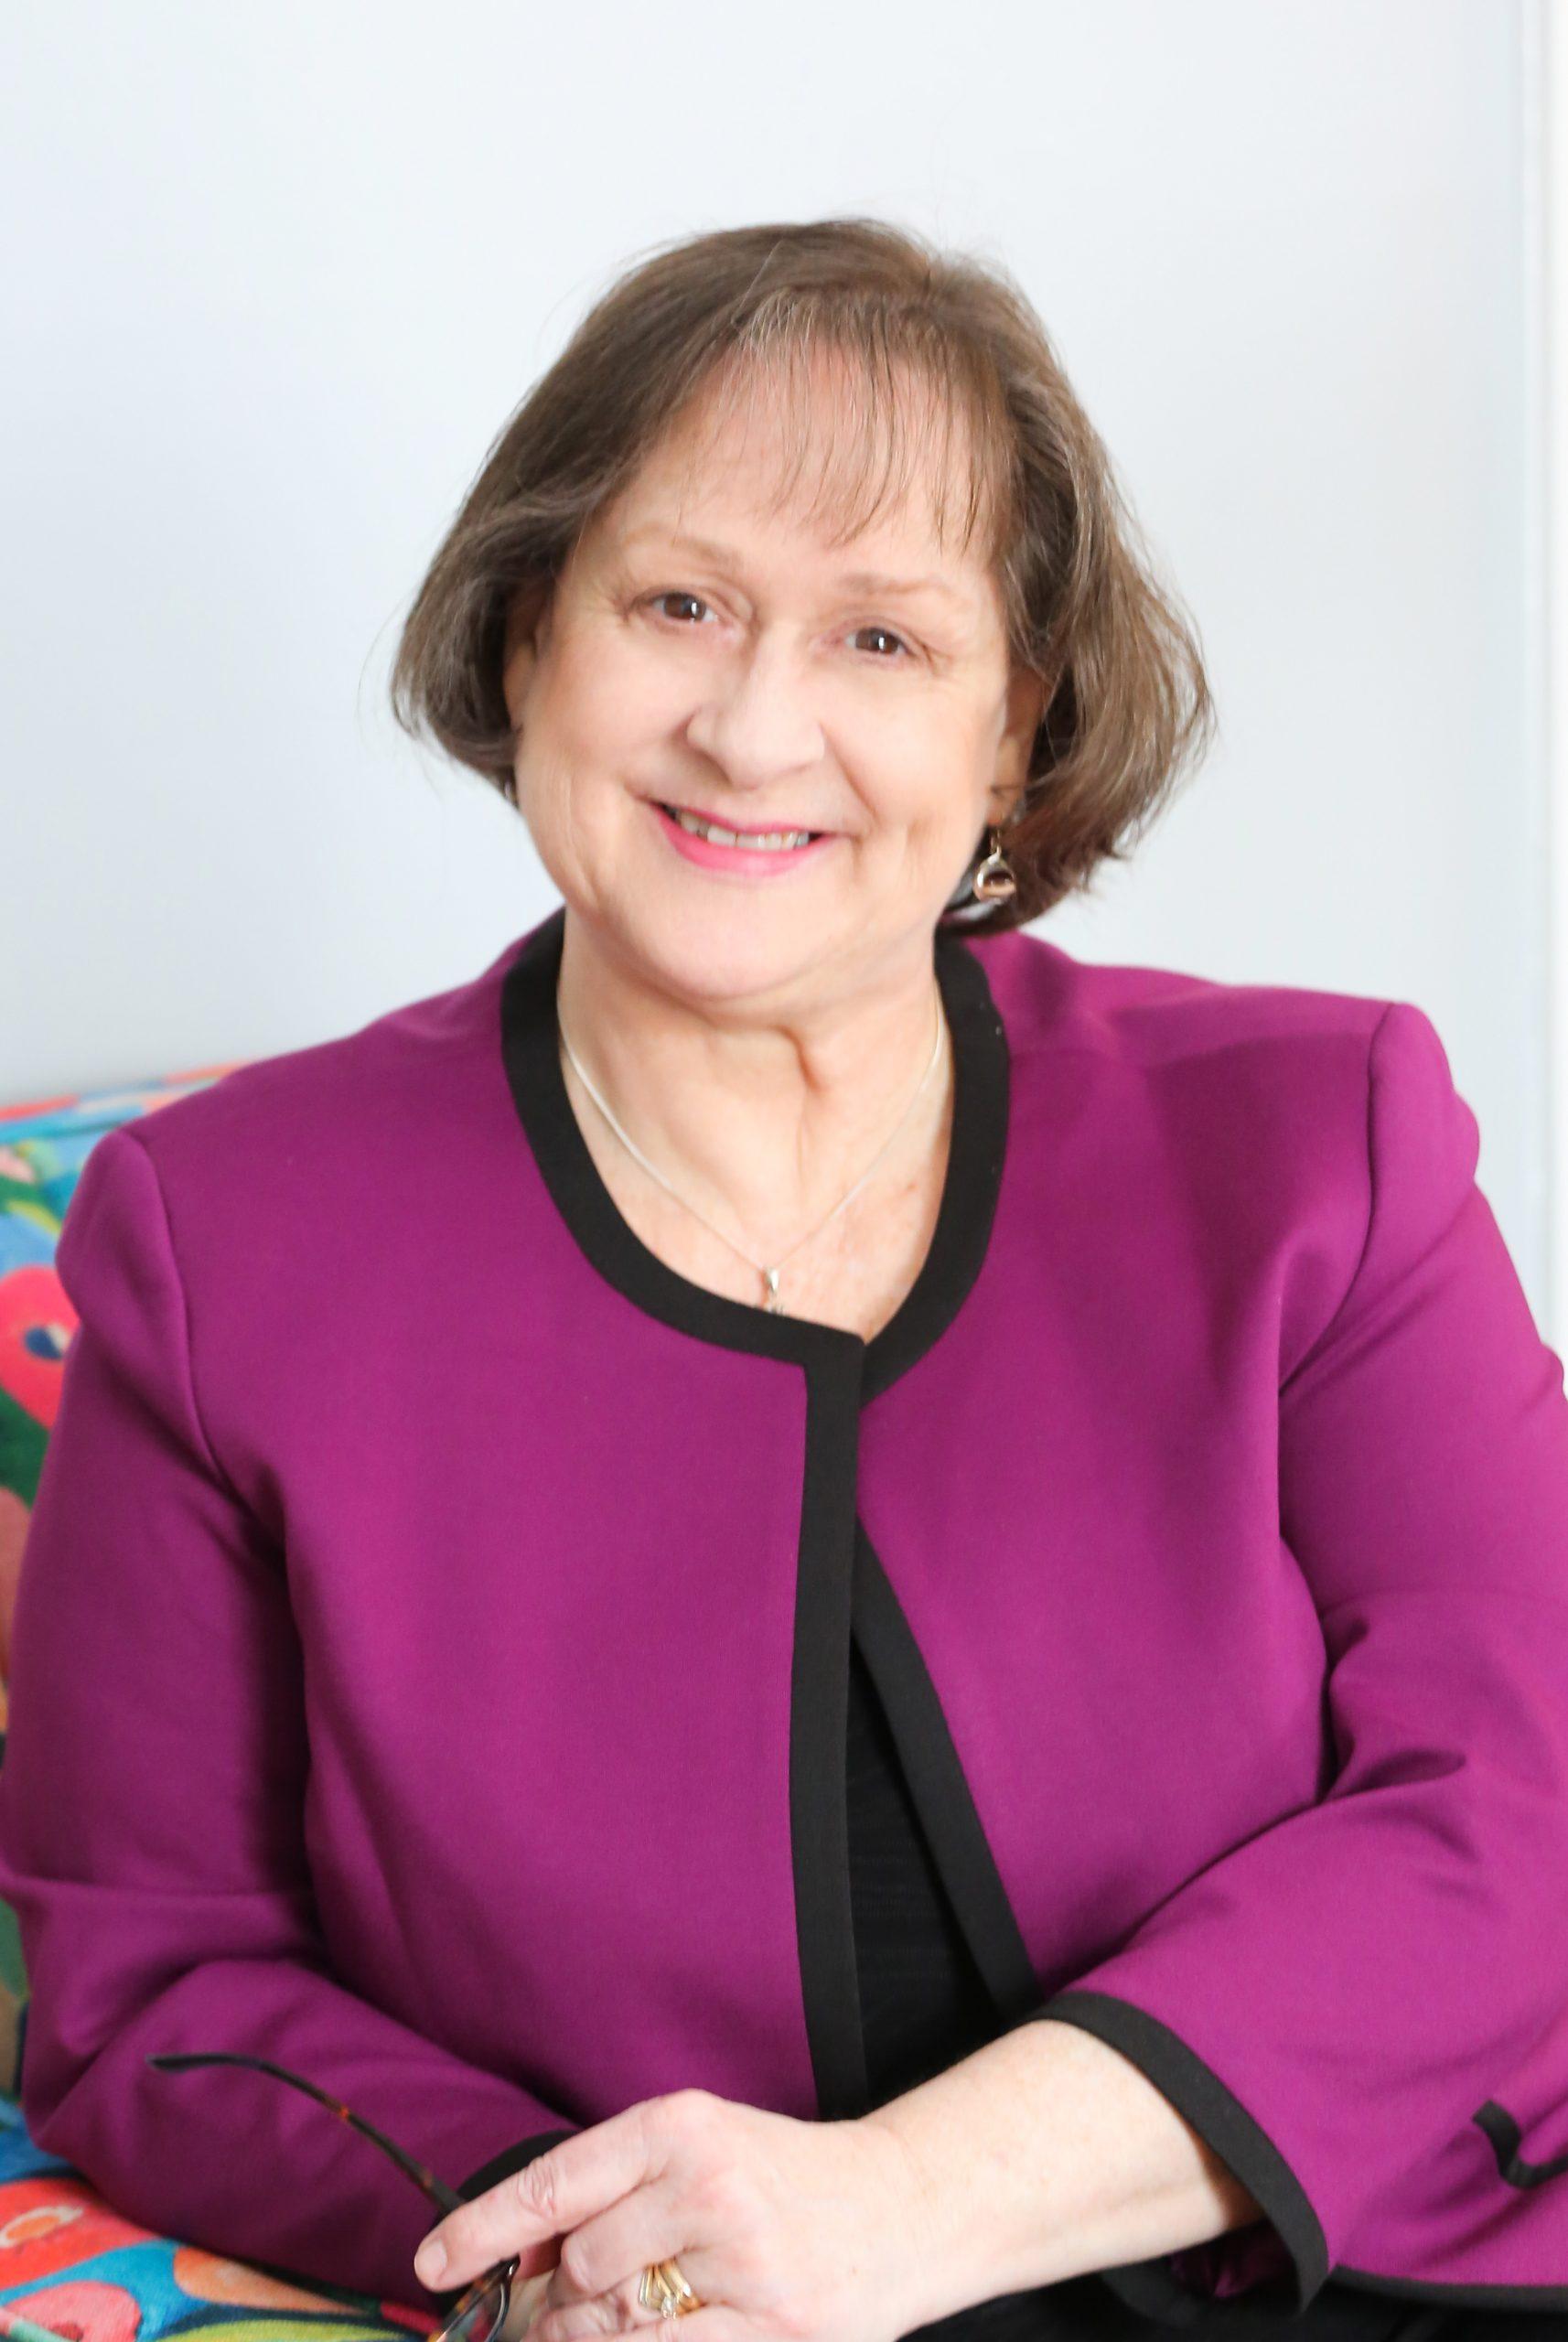 Lynne Reeves